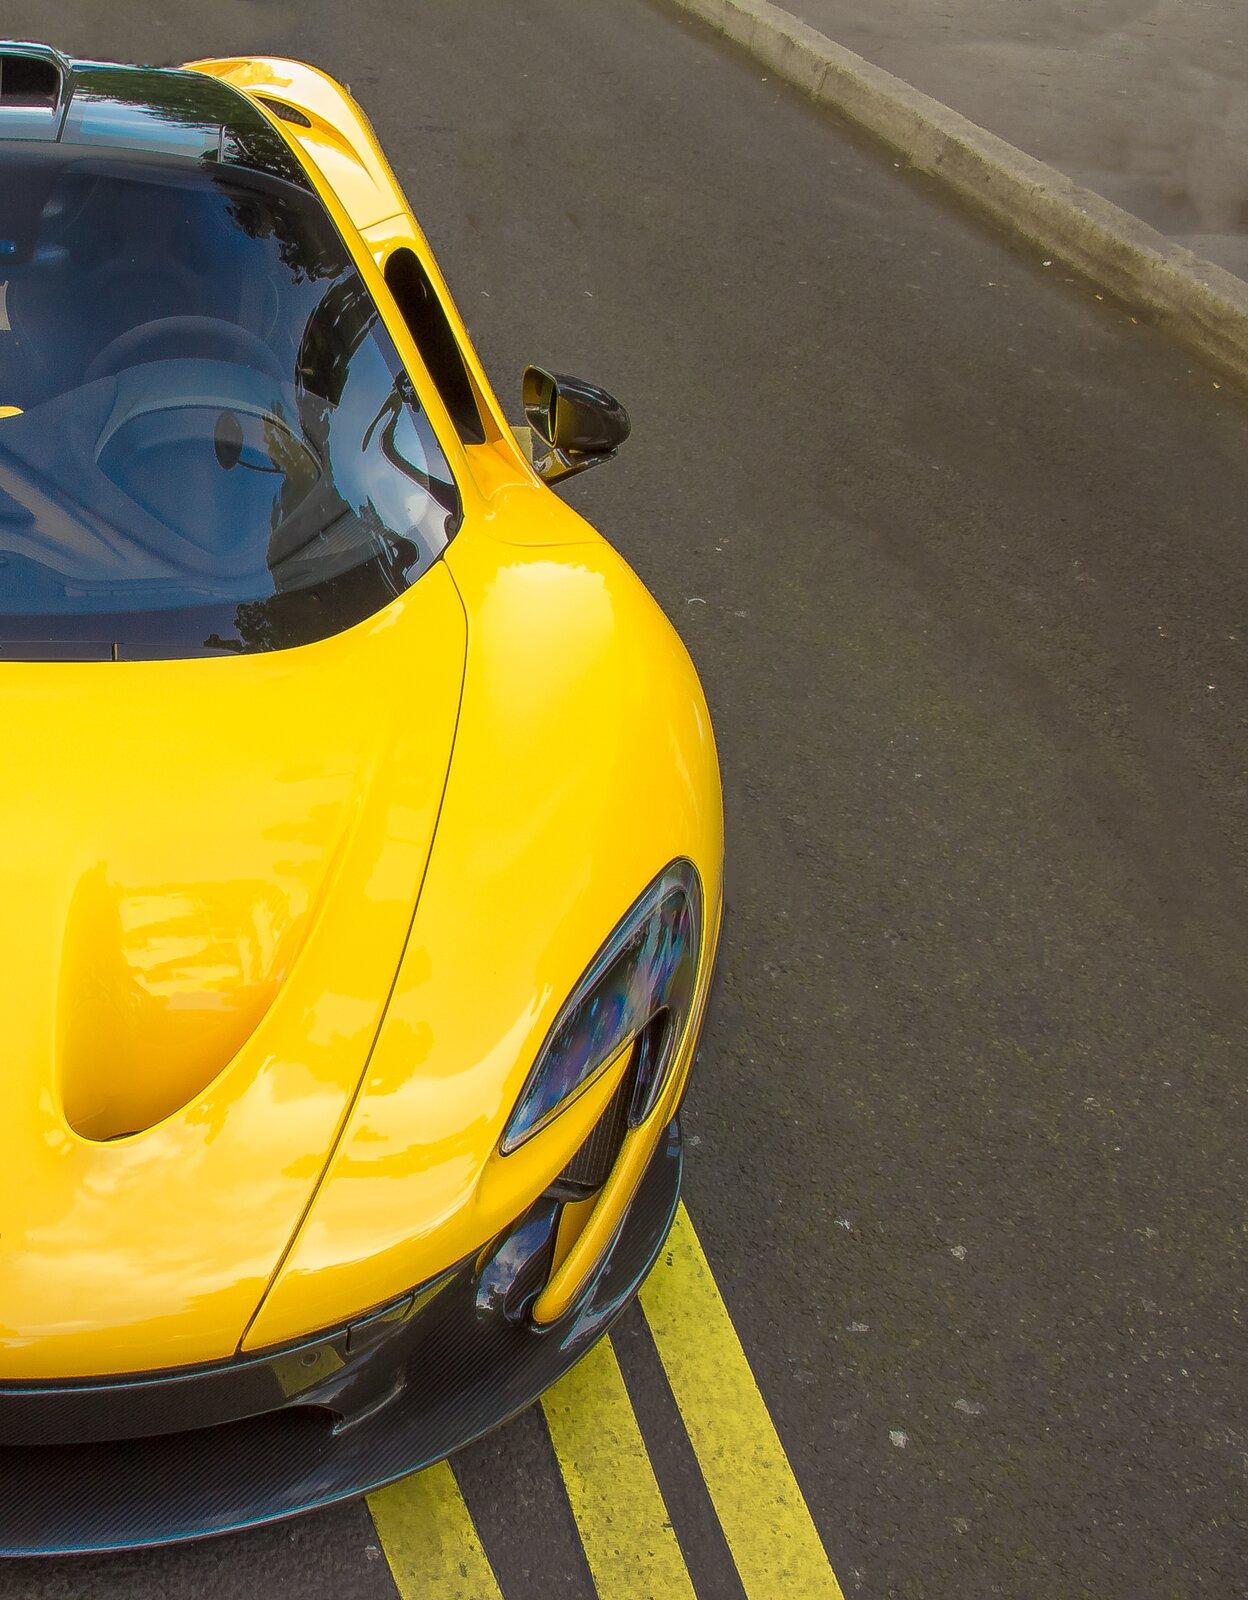 Zdjęcie przedstawia fragment sportowego samochodu. Samochód koloru żółtego, błyszcząca karoseria. Stoi na szarej, asfaltowej drodze.